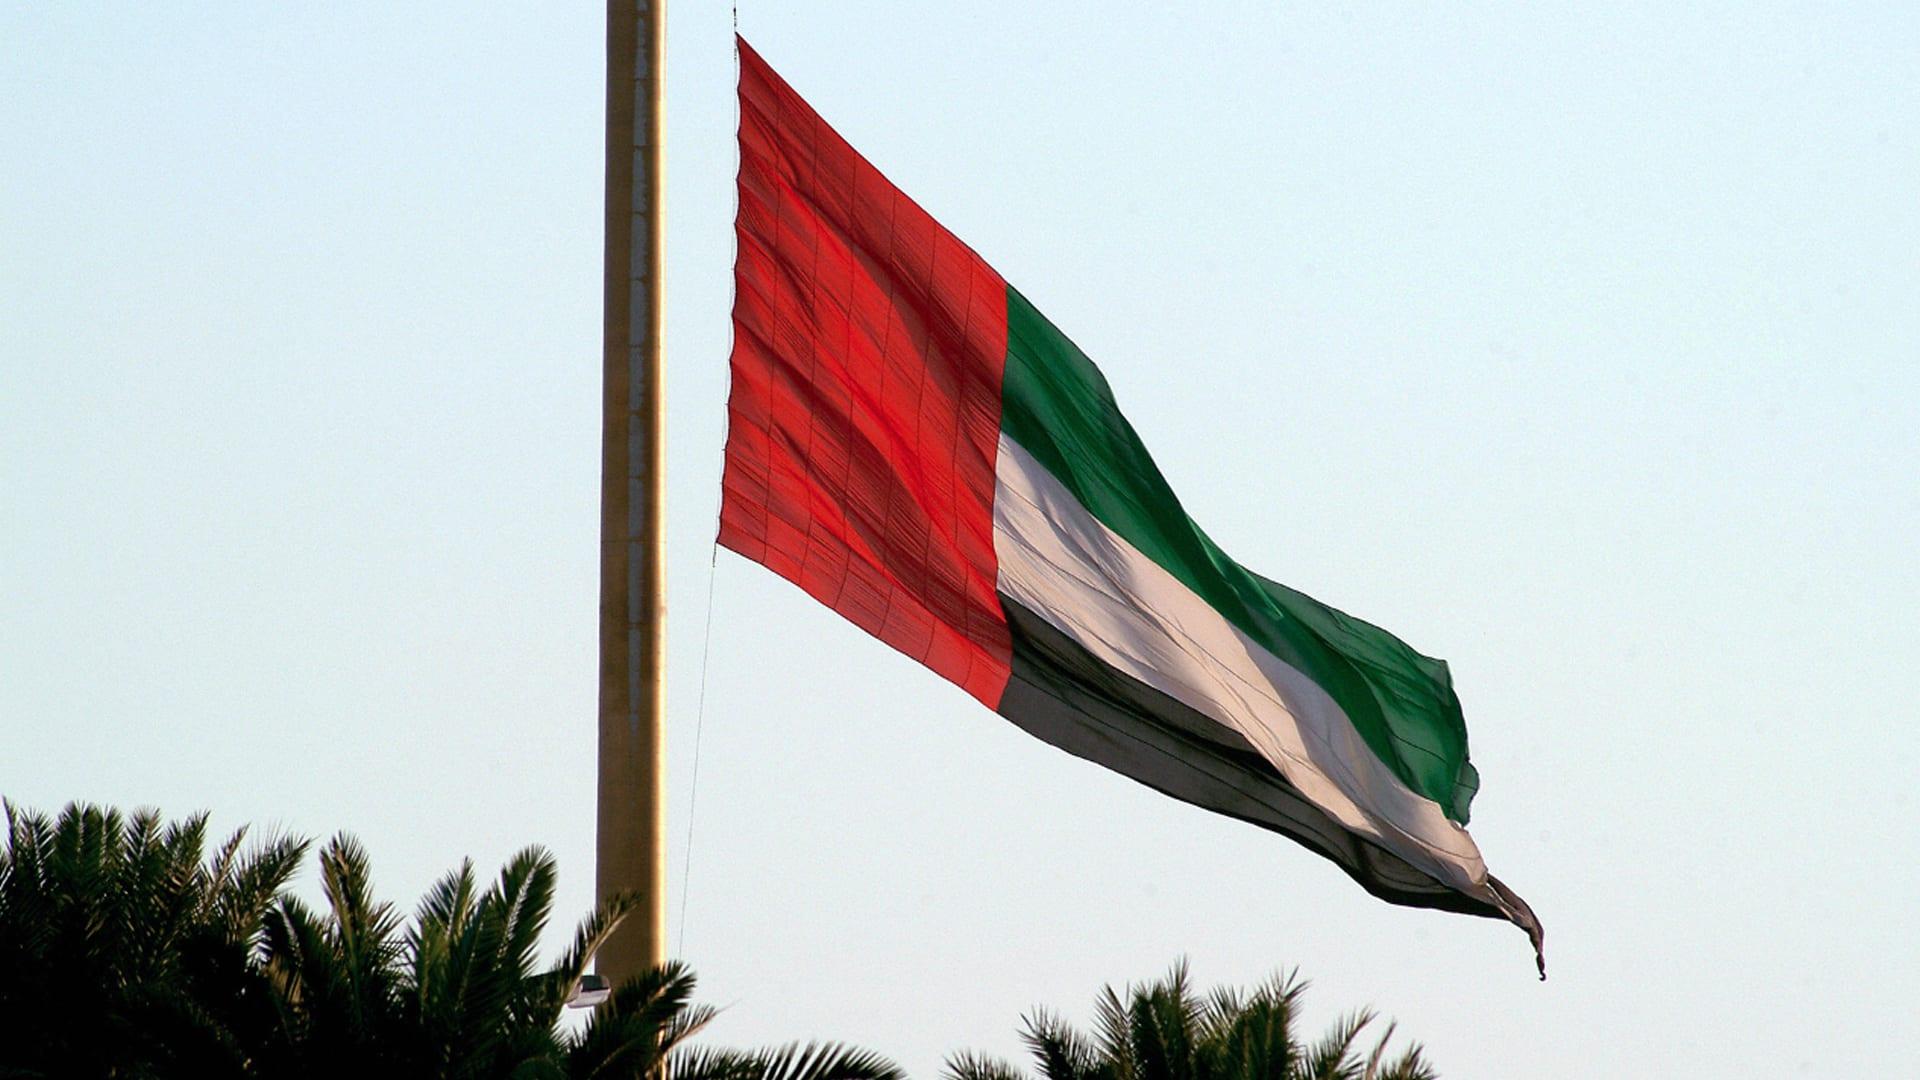 الإمارات تدرج 38 فردا و15 كيانا على قائمة الإرهاب بينهم مواطنون وأجانب